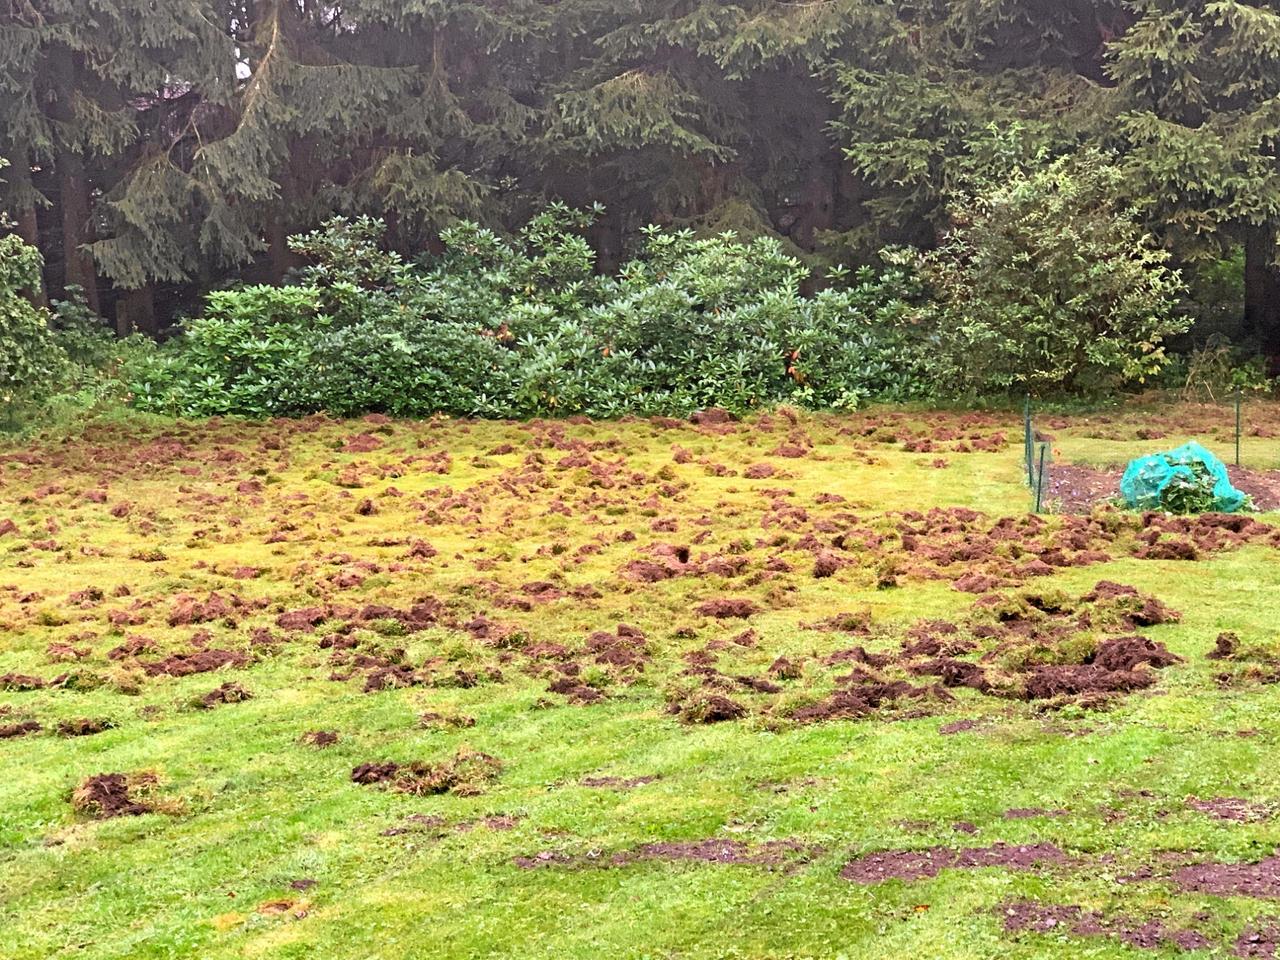 Wildschweine verwüsten Garten